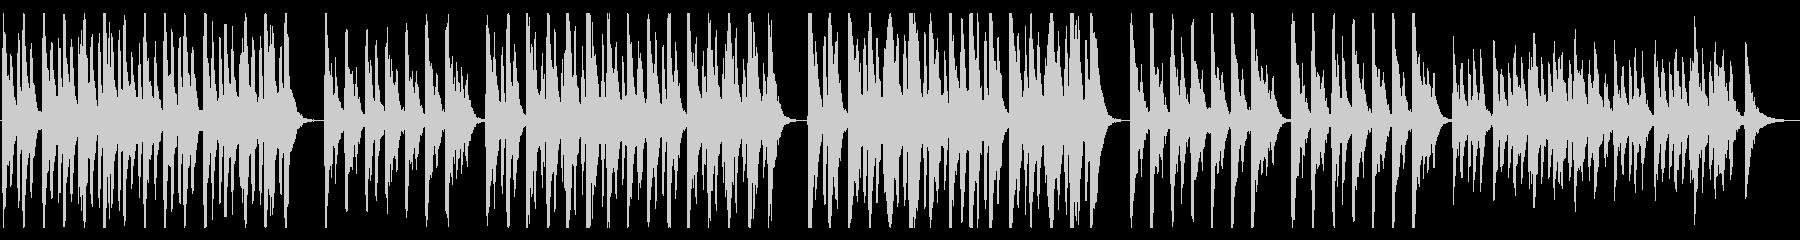 ストリングスとセンチメンタルなリコーダーの未再生の波形